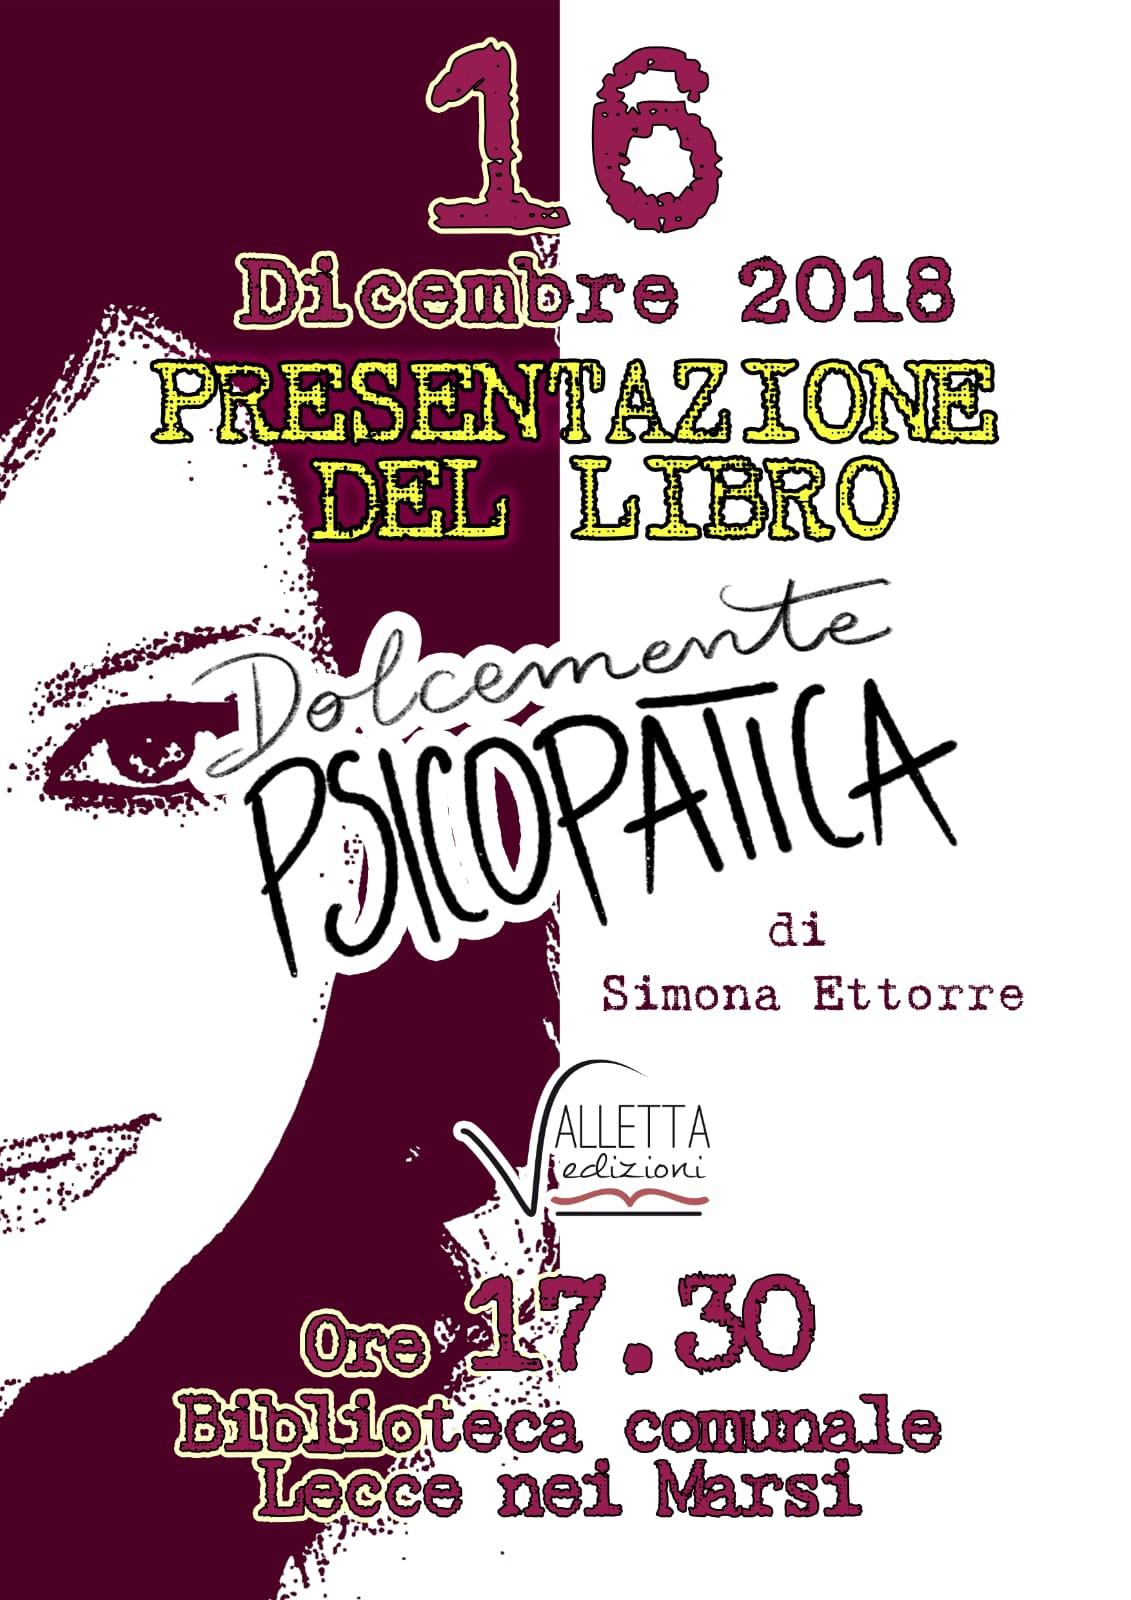 """Presentazione del libro di """"Dolcemente psicopatica"""" di Simona Ettorre"""